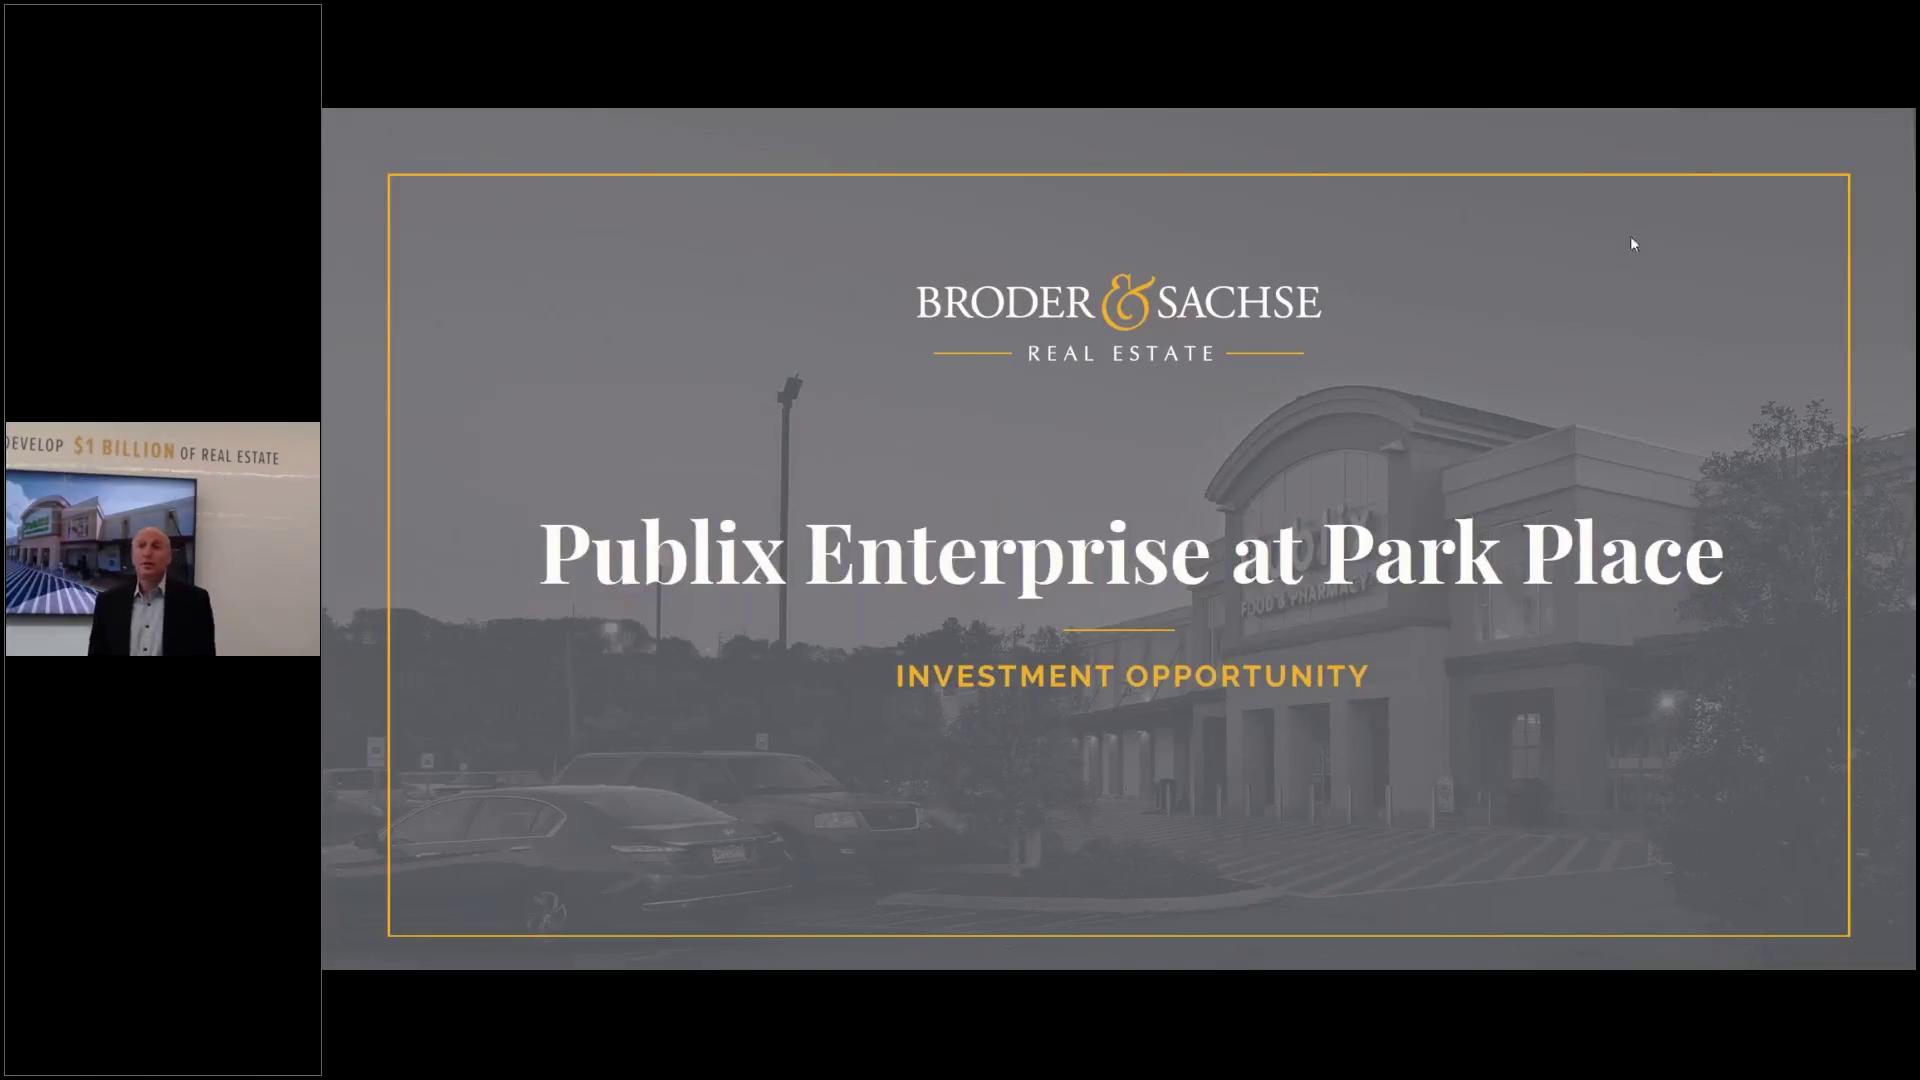 Investment Video - Publix Enterprise at Park Place